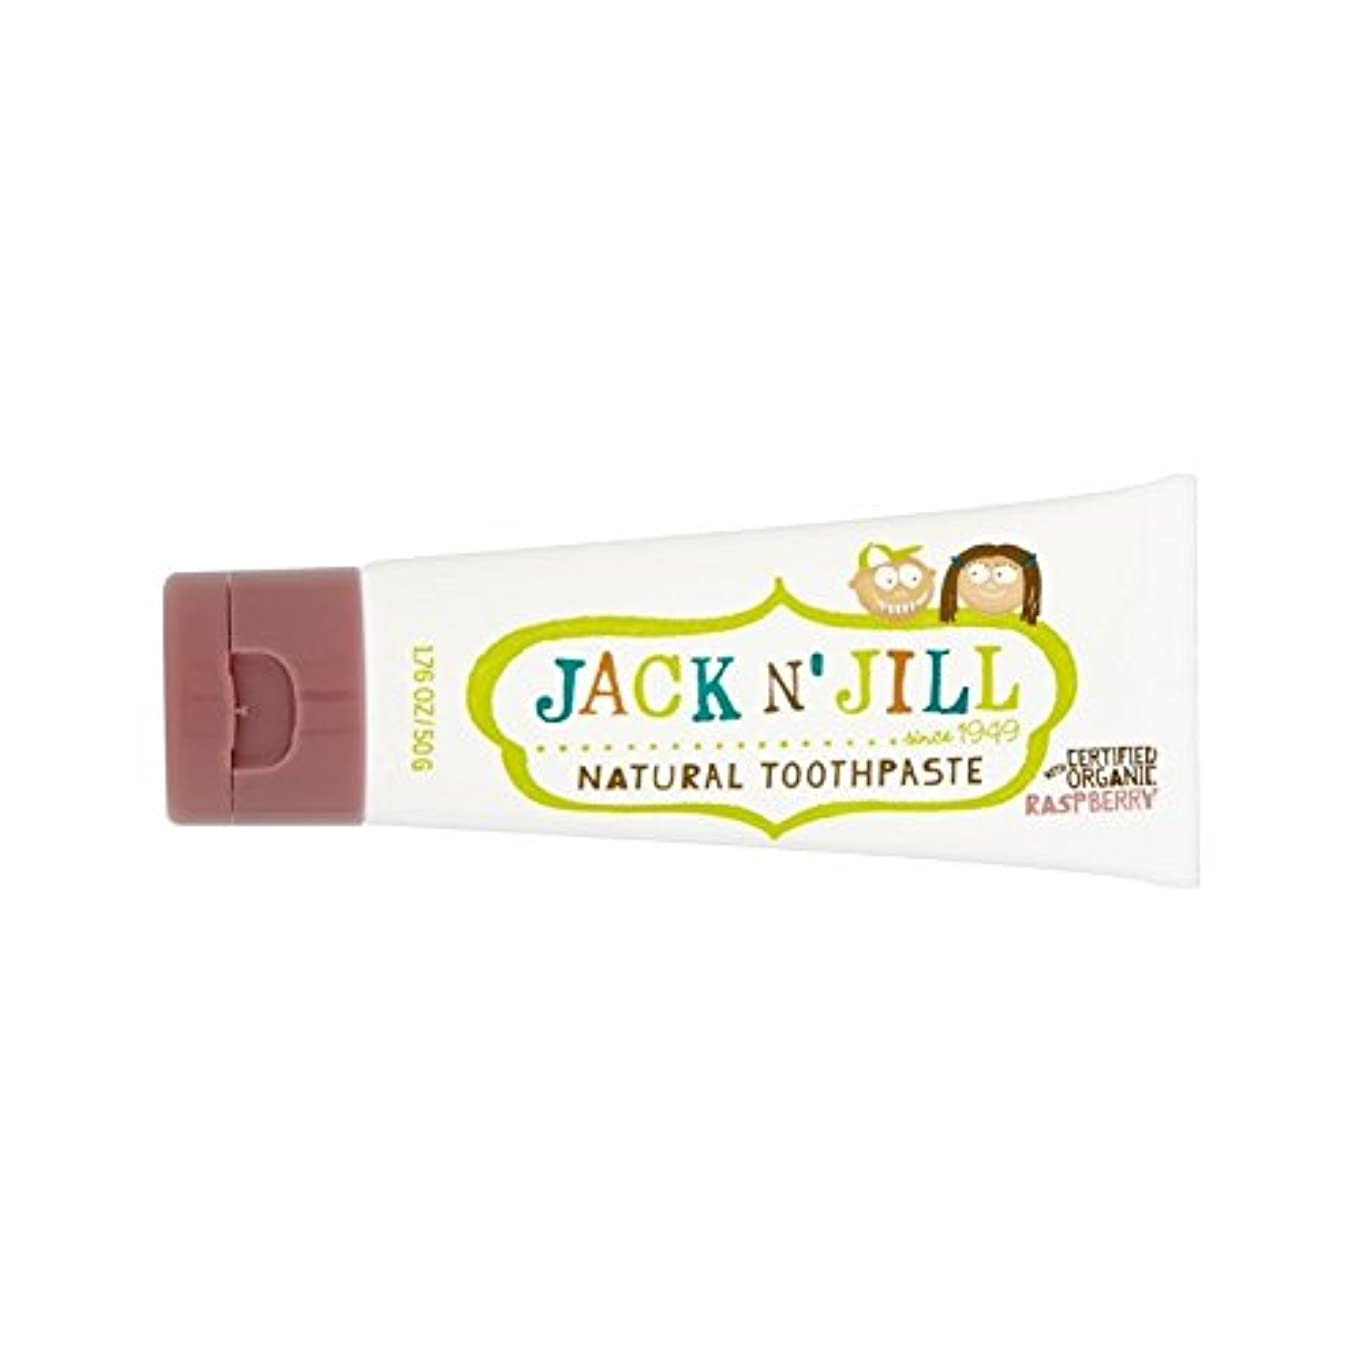 欠如家畜謎有機香味50グラム天然ラズベリー歯磨き粉 (Jack N Jill) (x 2) - Jack N' Jill Raspberry Toothpaste Natural with Organic Flavouring 50g (Pack of 2) [並行輸入品]